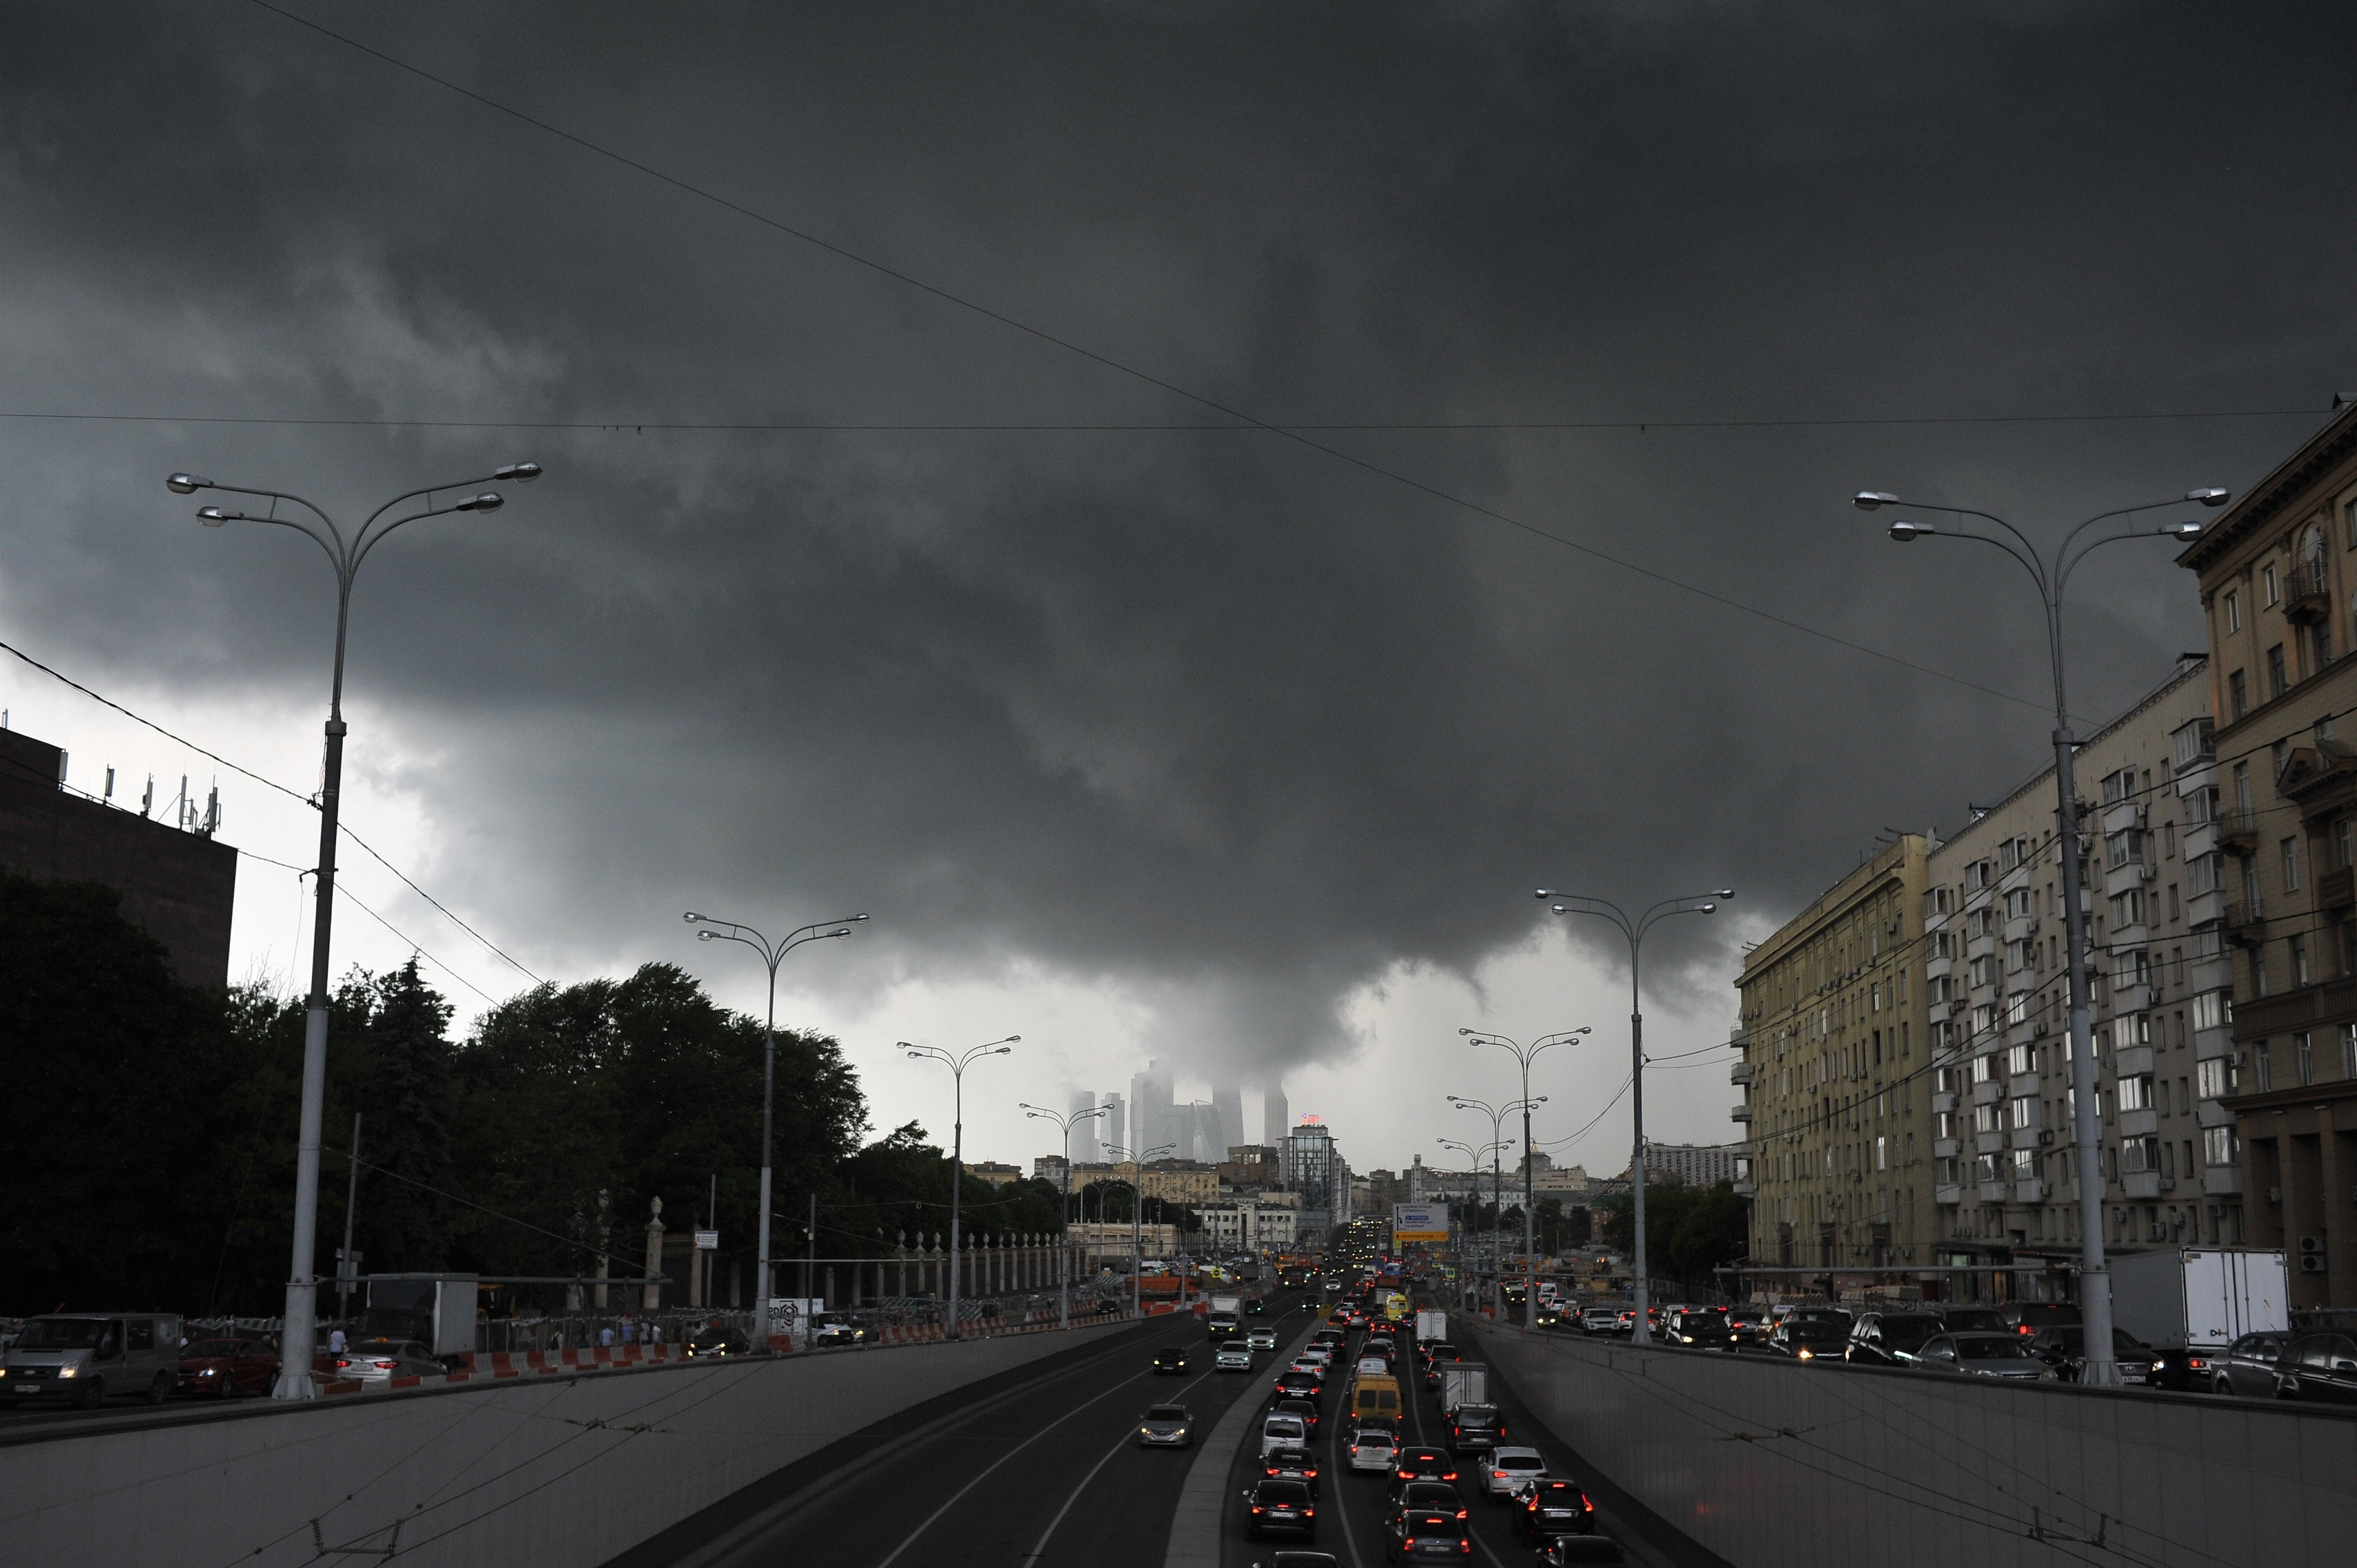 когда фото вчерашнего дождя в москве крайне проста